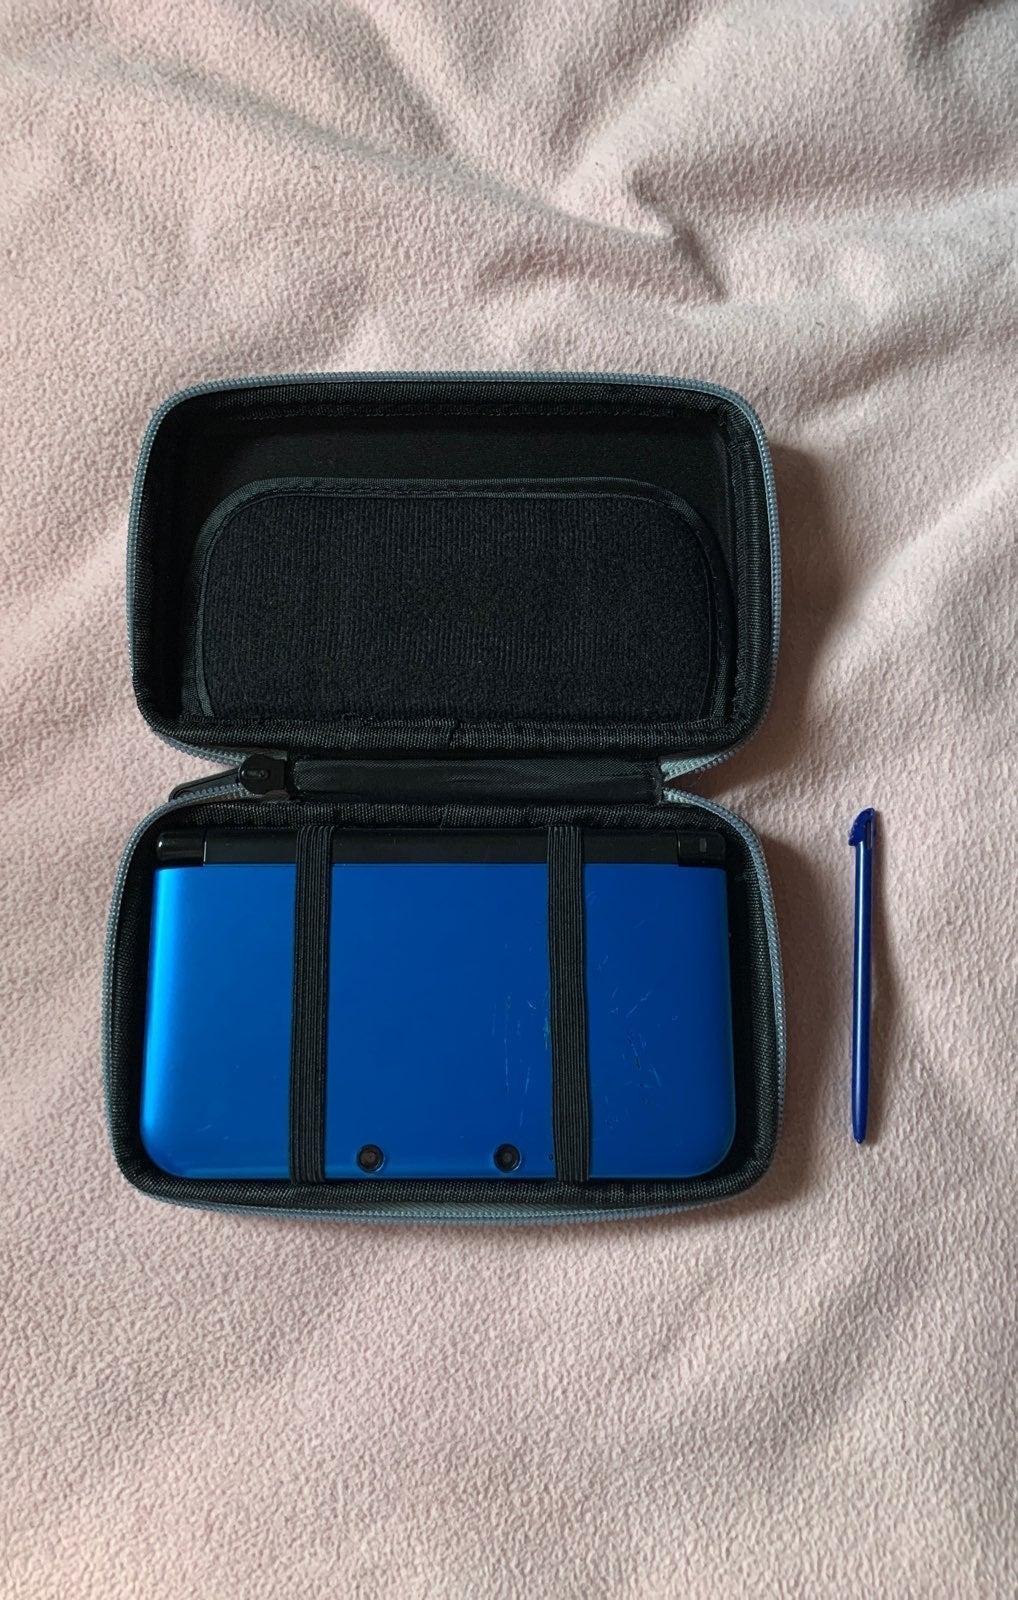 PLEASE READ Nintendo Blue 3DS XL